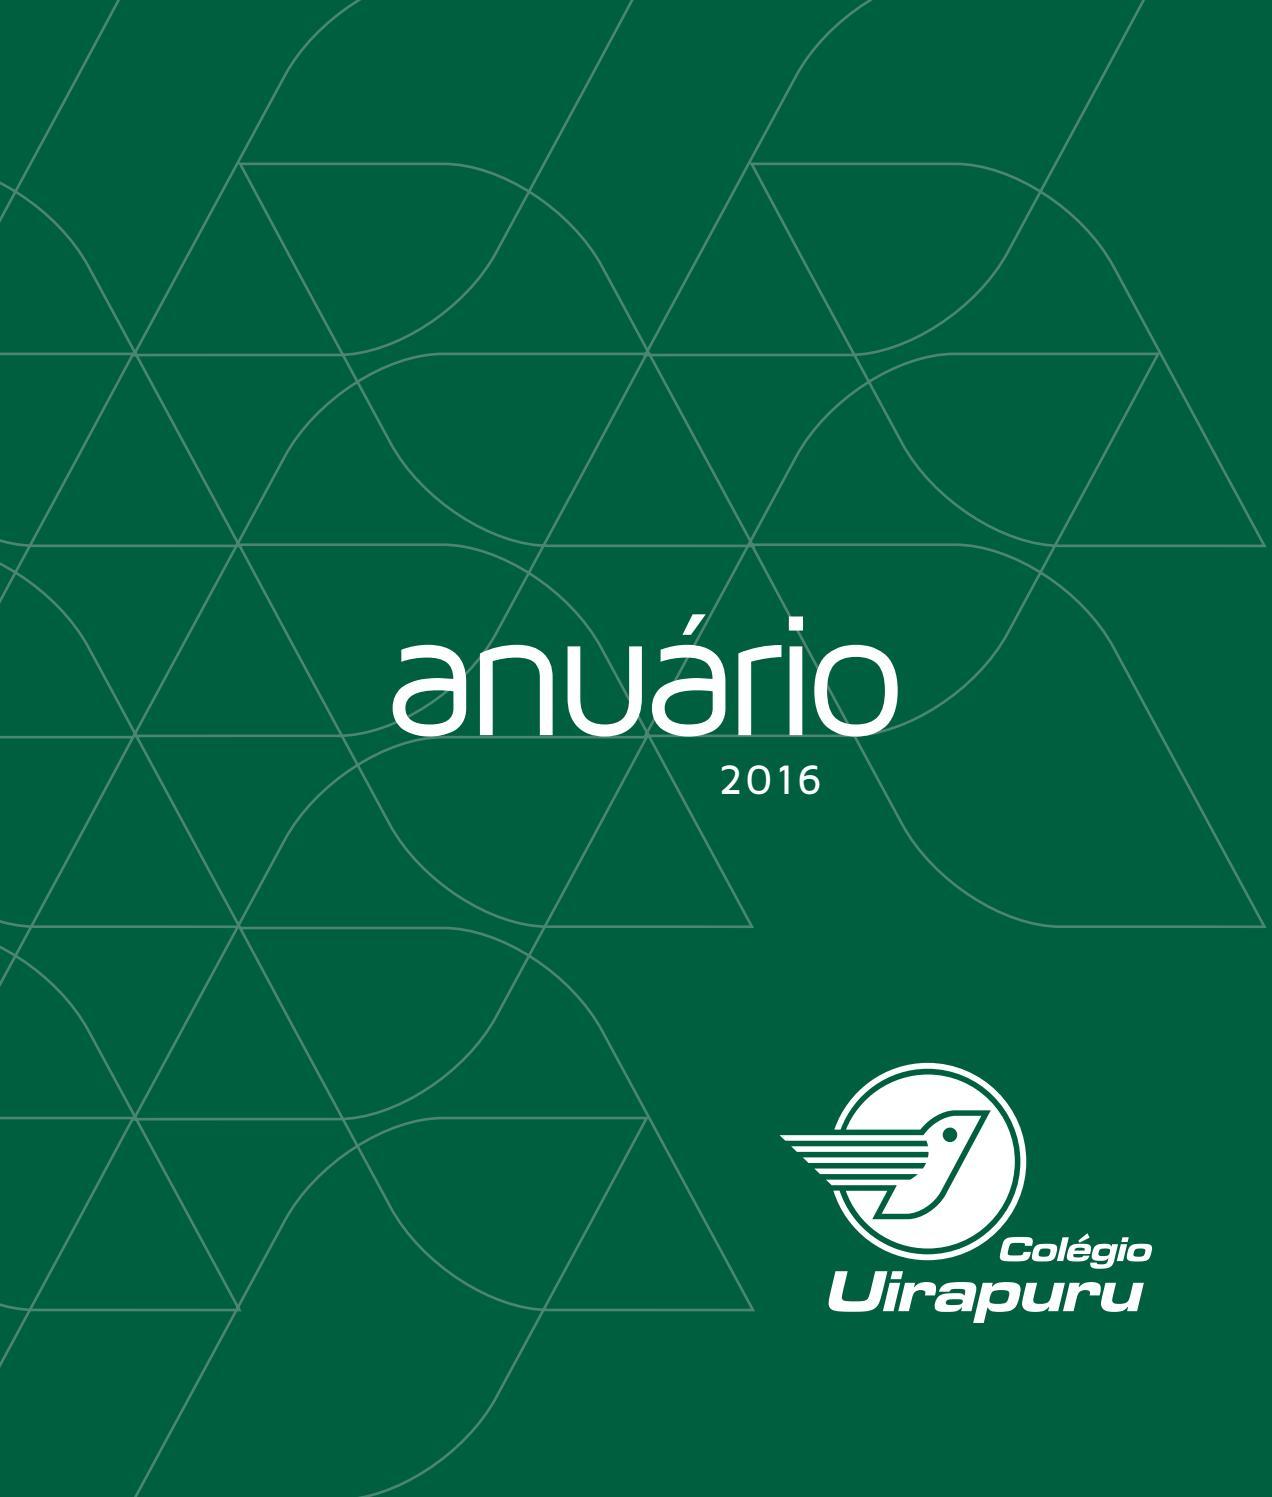 729dd63b9d Anuário 2016 by Colégio Uirapuru - issuu